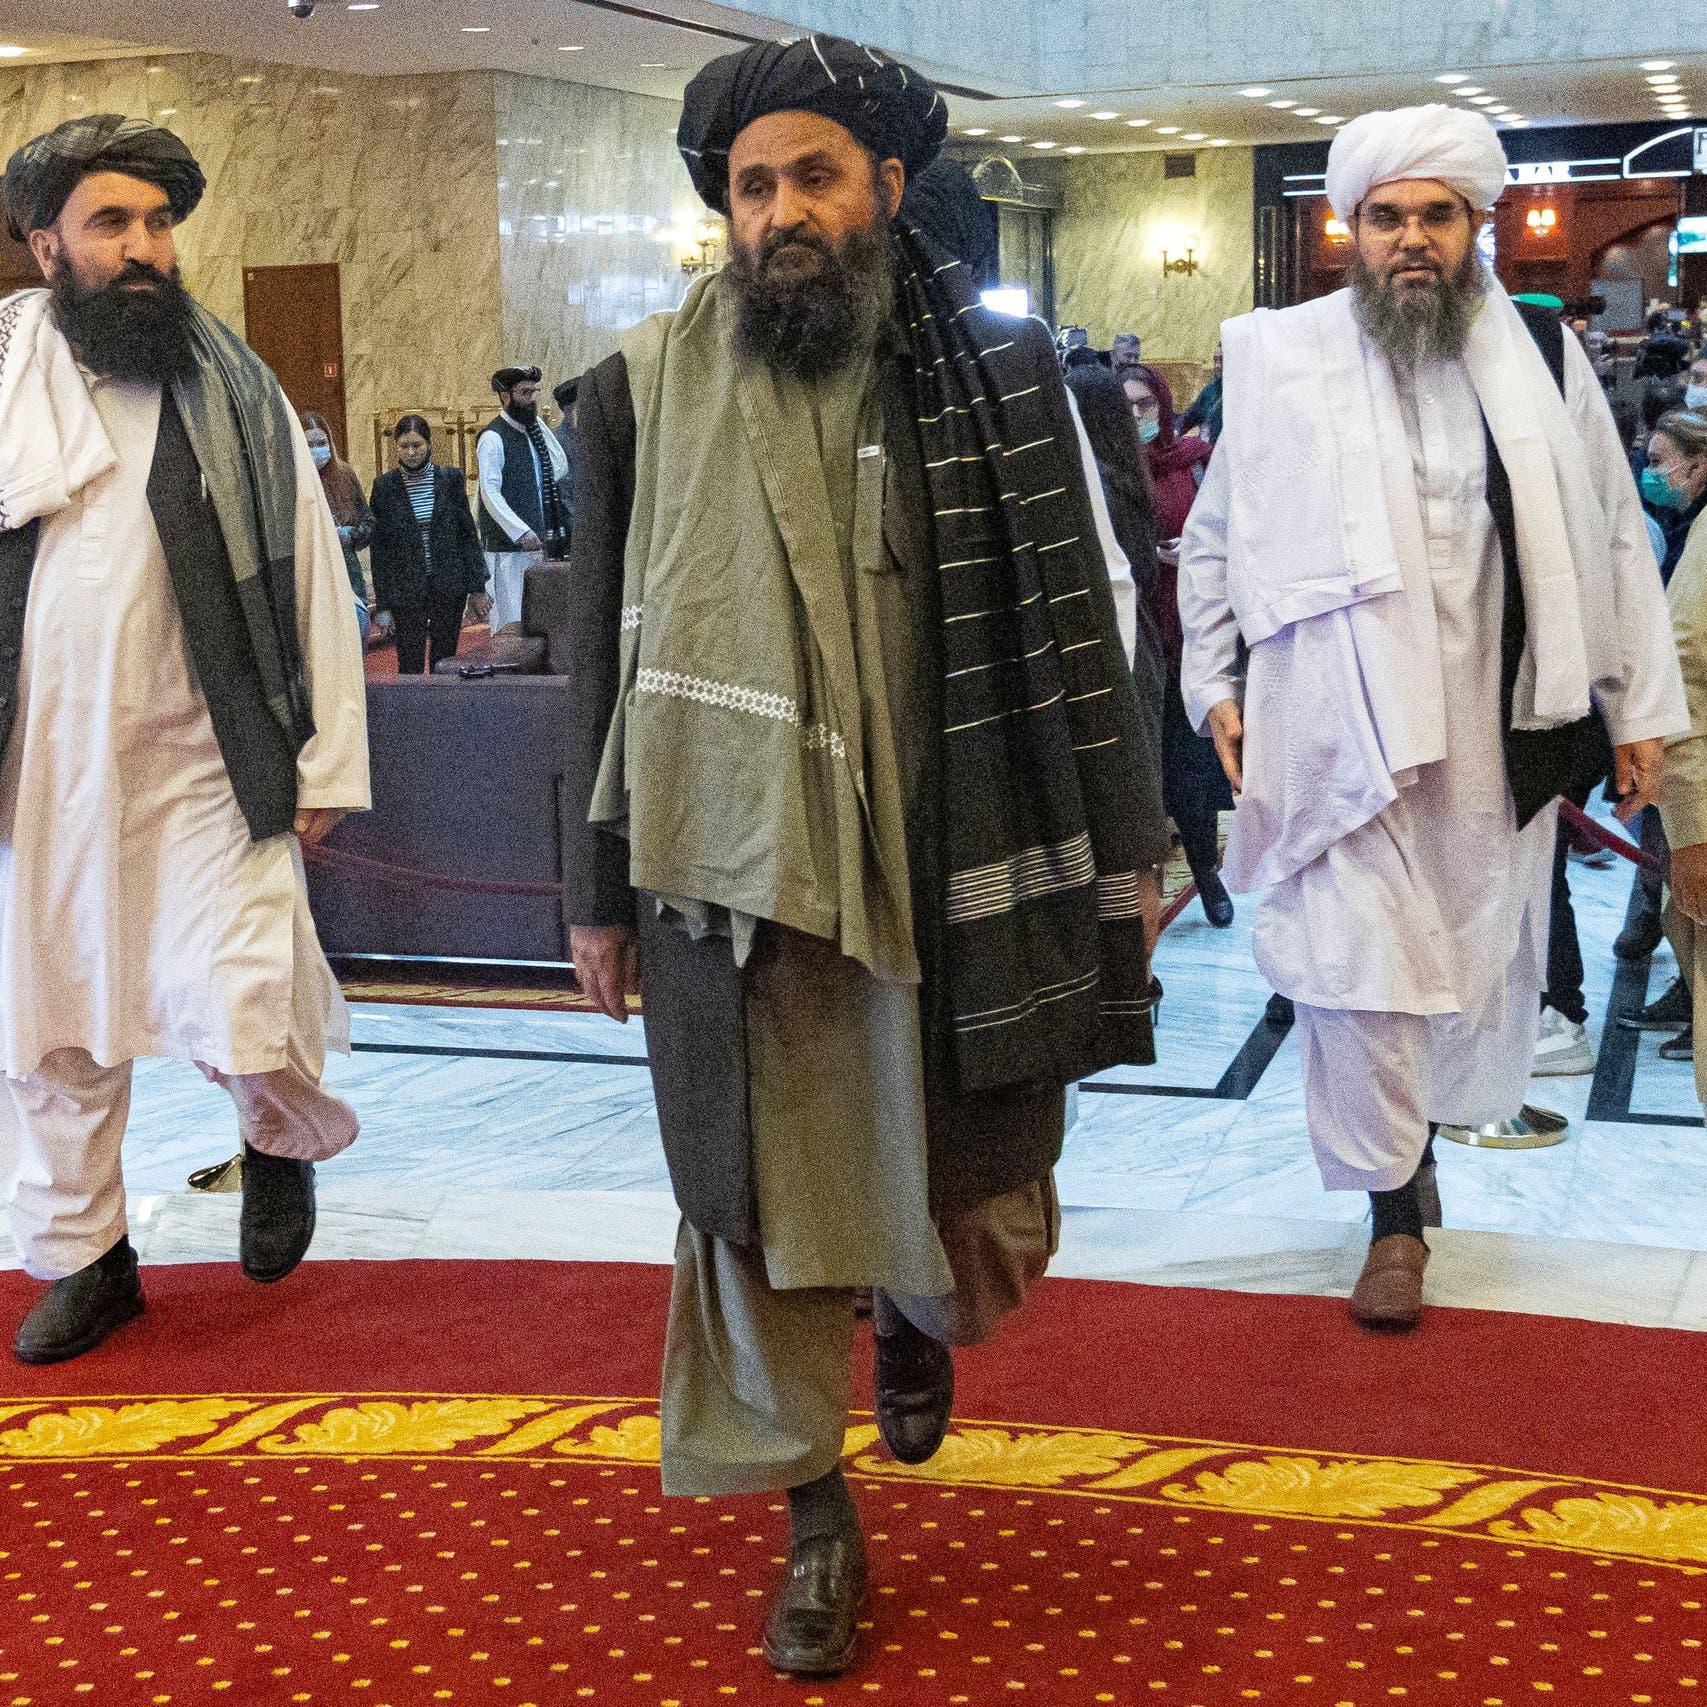 The void Taliban fills